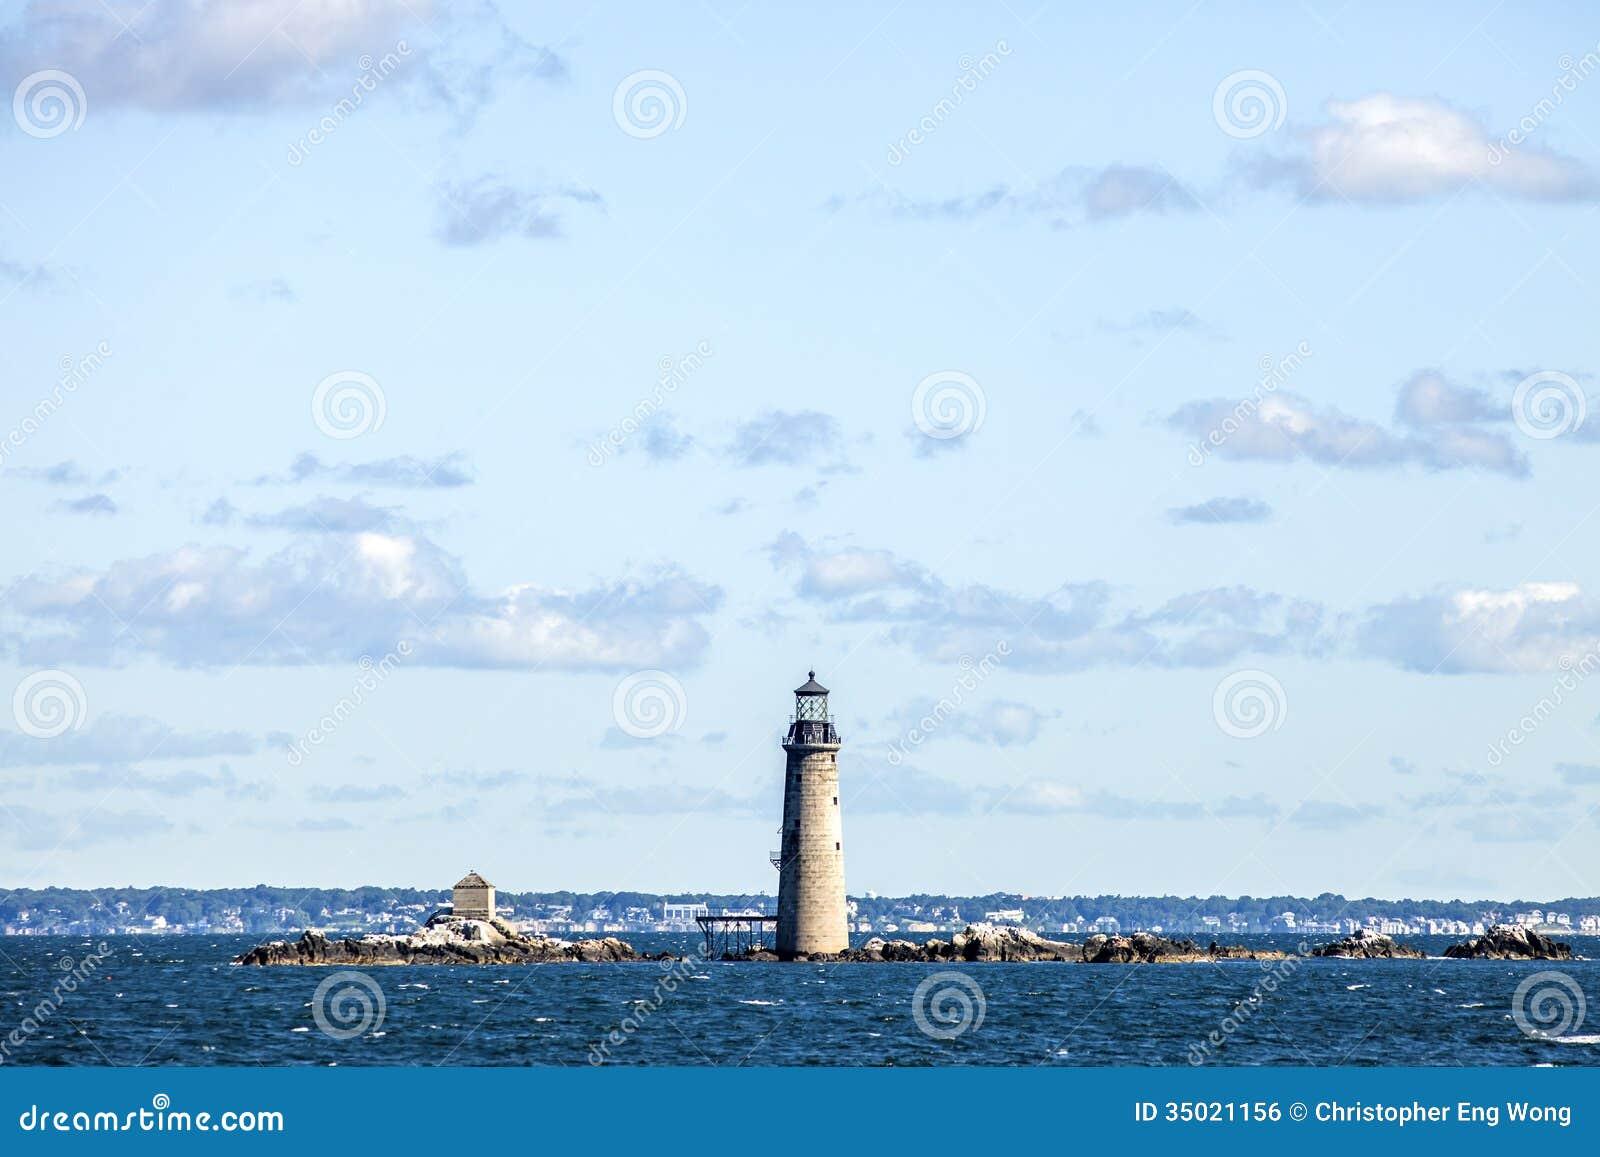 Grób latarnia morska